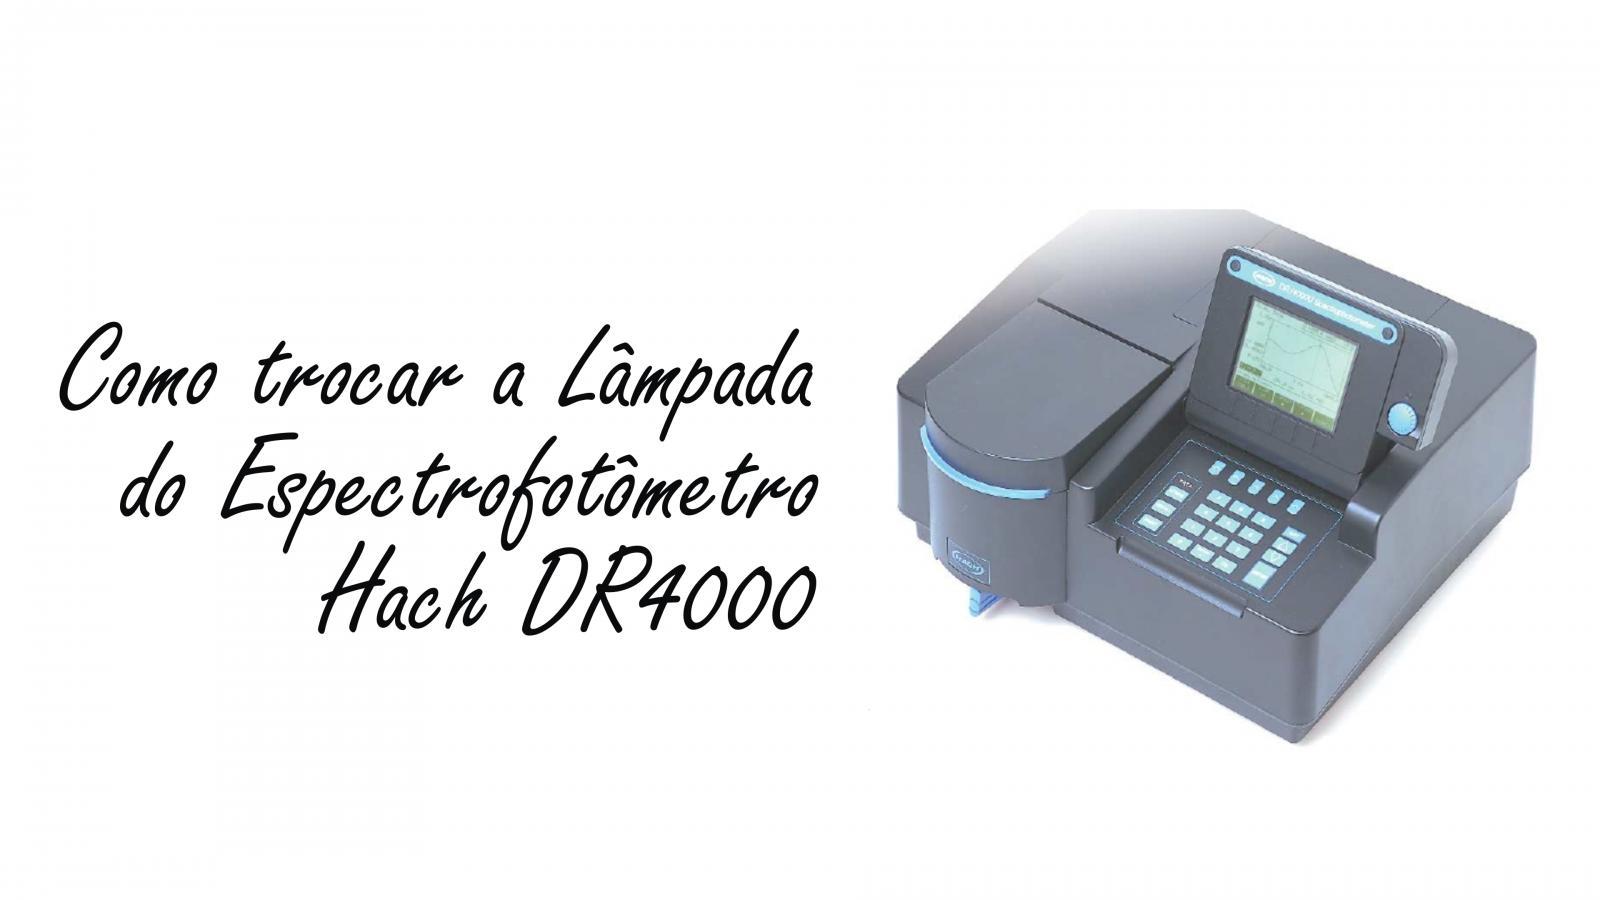 Como trocar a Lâmpada do Espectrofotômetro Hach DR4000